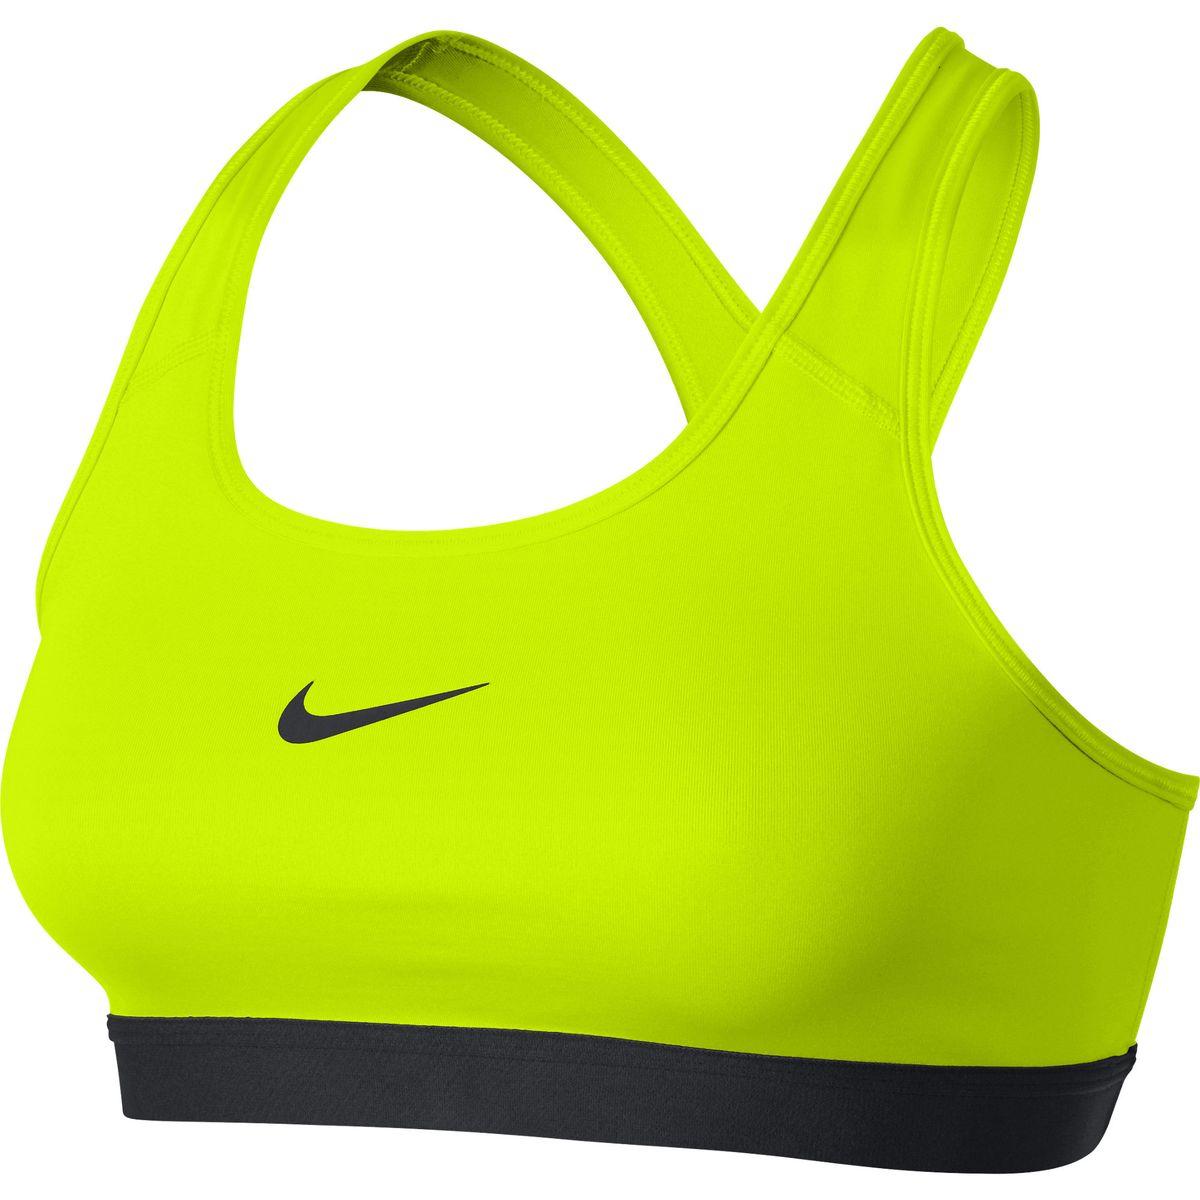 650831-010Спортивный топ от Nike выполнен из гладкого эластичного трикотажа черного цвета. Технология Dry-Fit отводит лишнюю влагу во время активности и позволяет коже дышать. Детали: круглый вырез, спинка-борцовка, эластичный нижний кант.